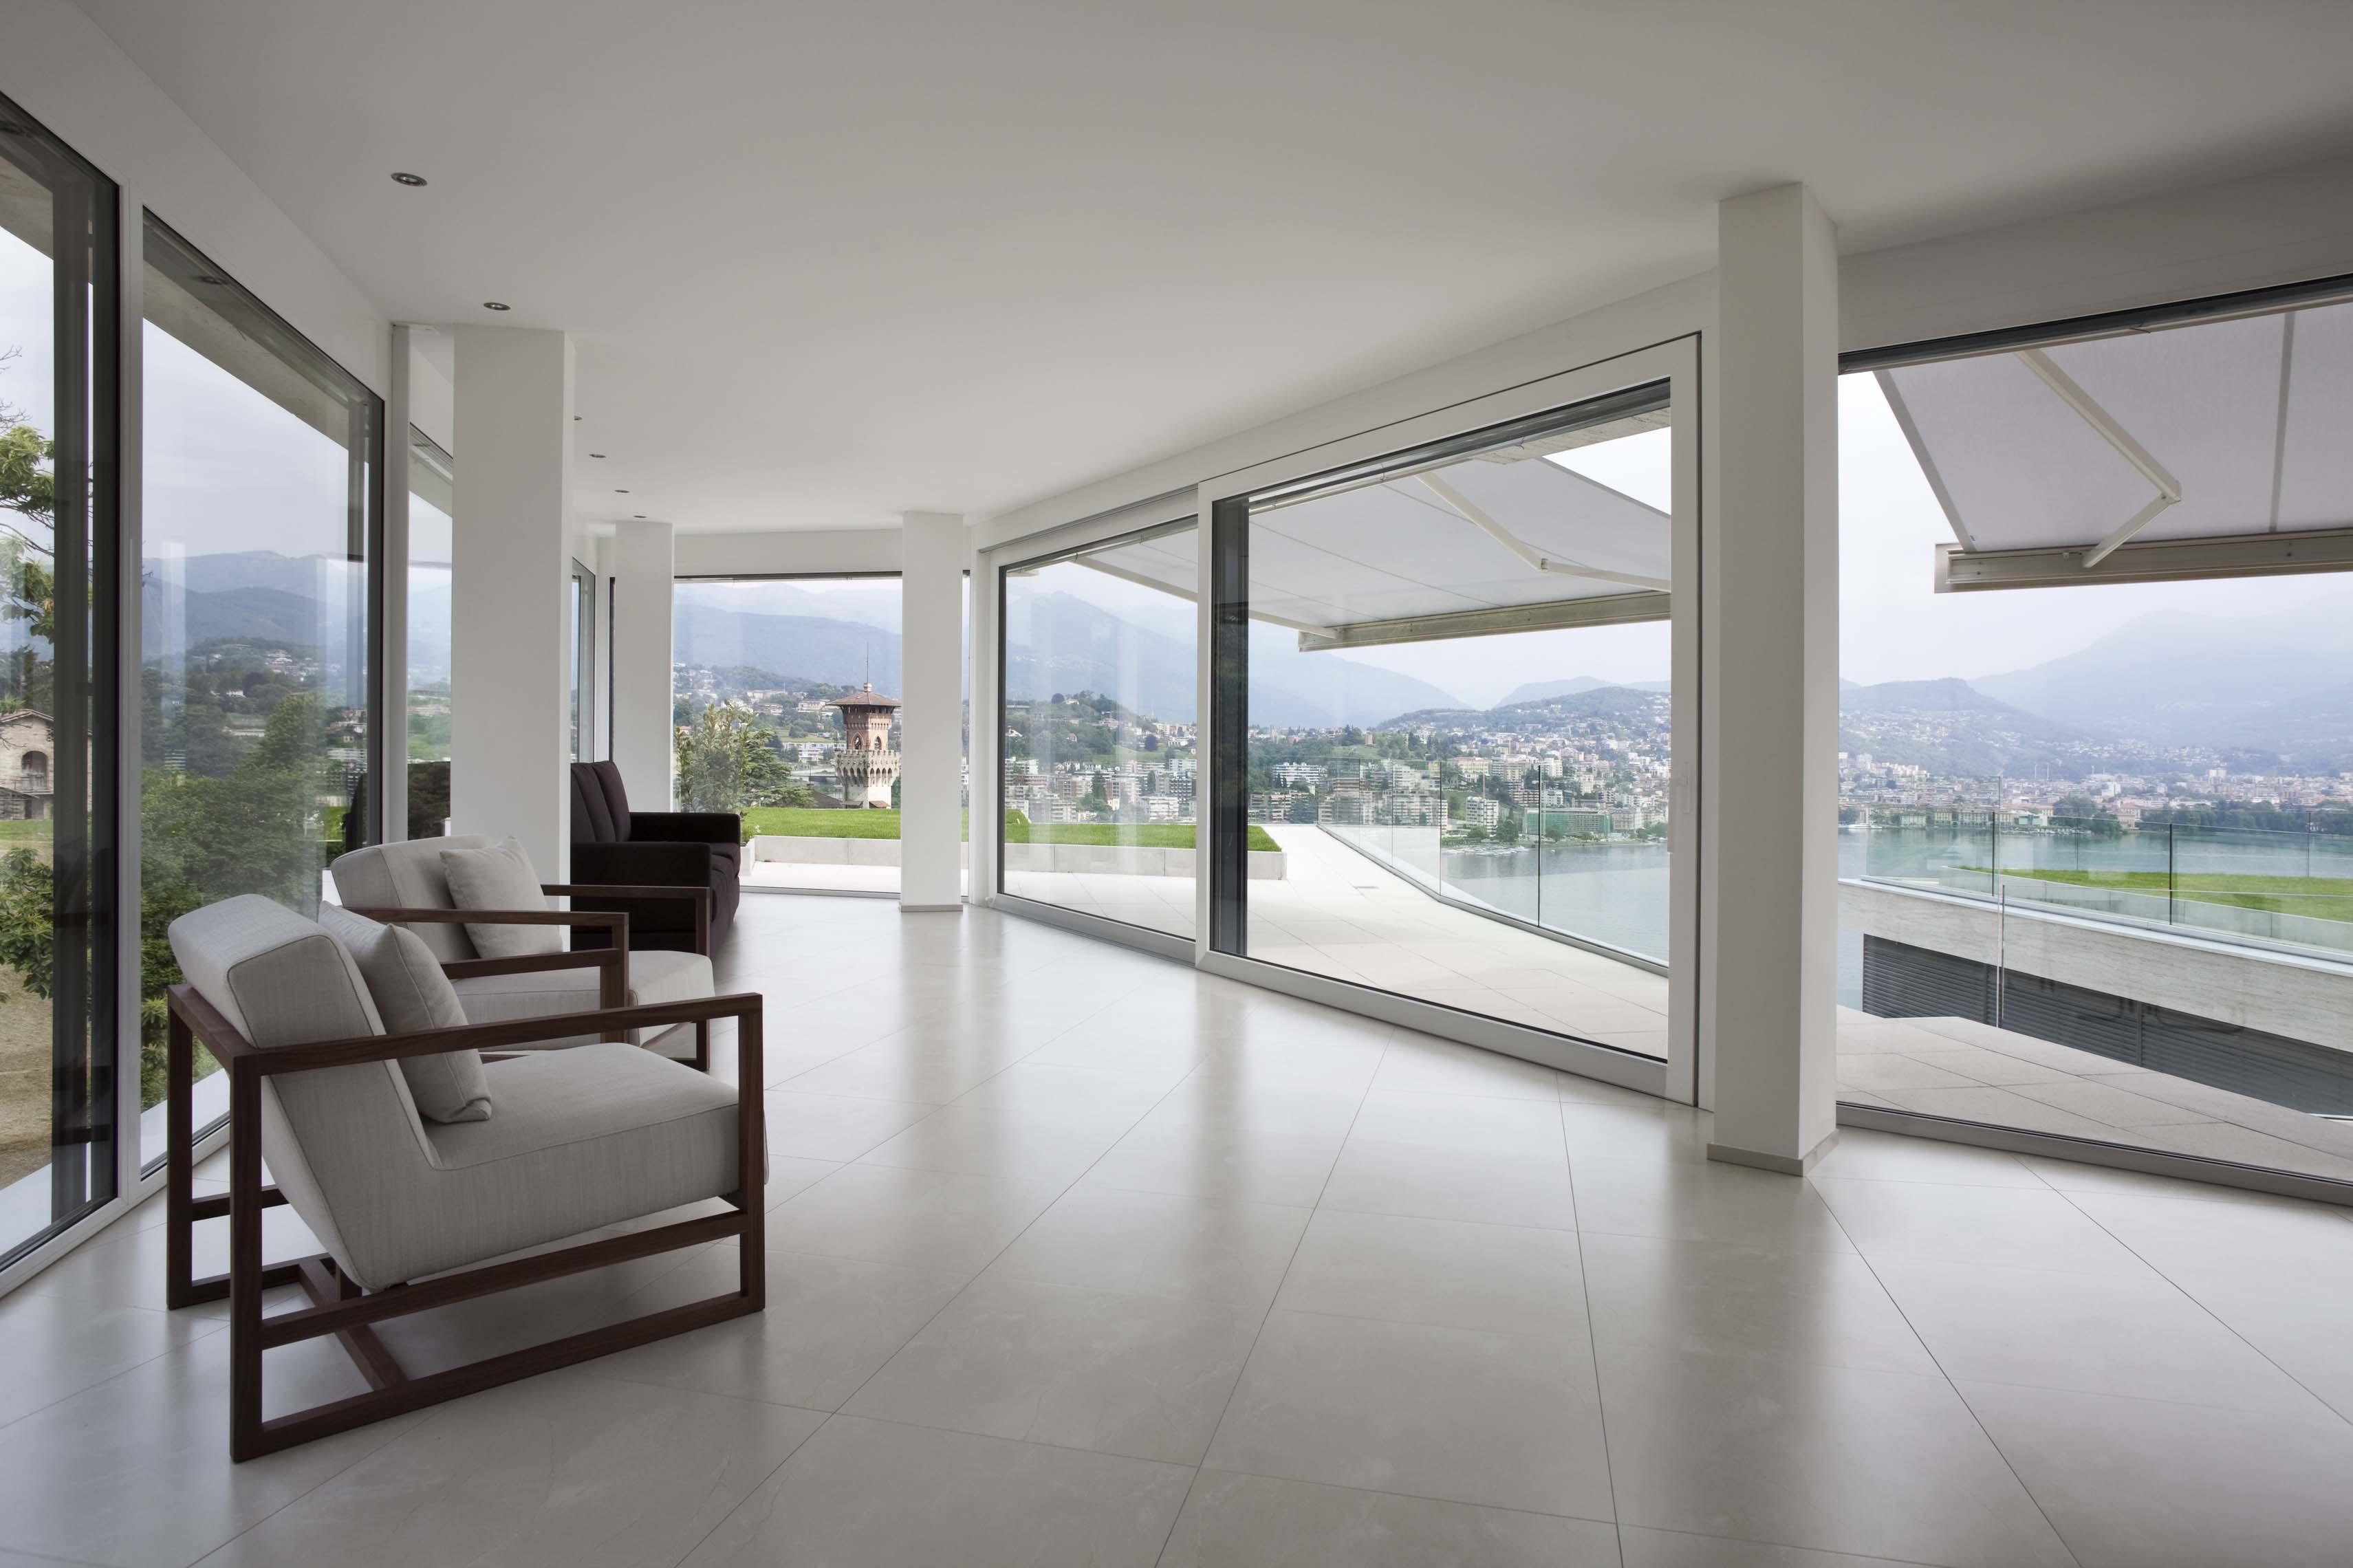 Finestre in pvc persiane e porte foggia san severo puglia - Quanto costa una porta finestra in pvc ...